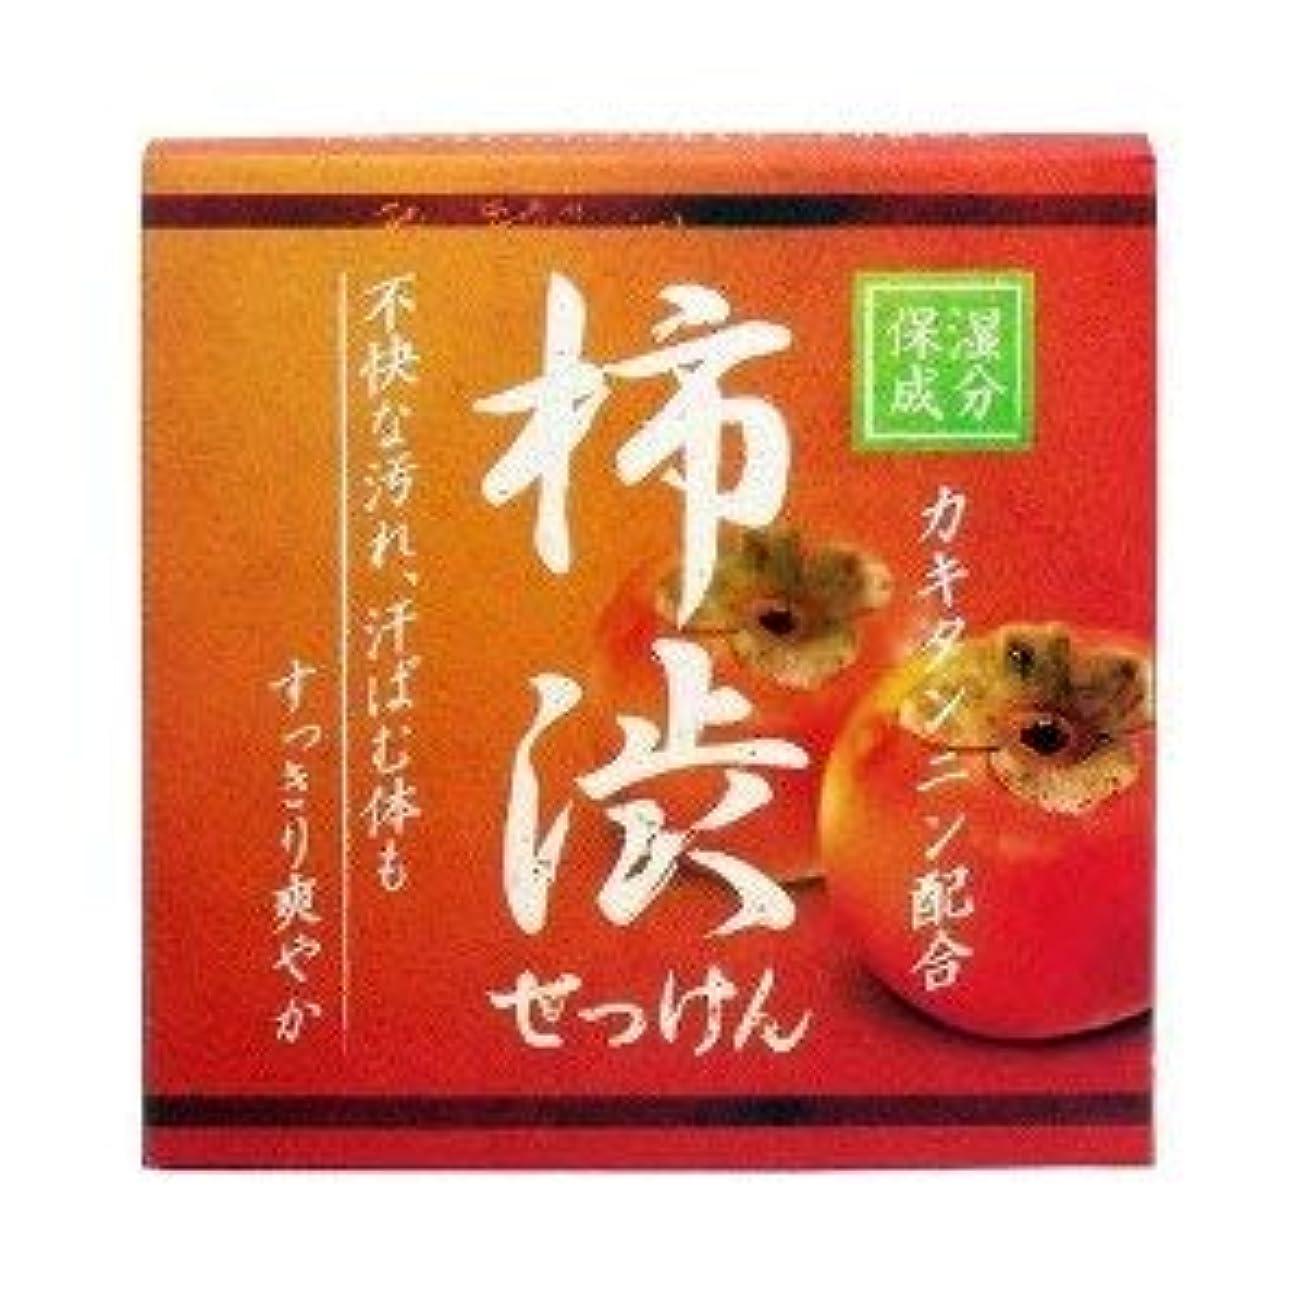 きらめくキウイ優先柿渋配合せっけん カキタンニン配合保湿成分 80g×2 2個1セット 石鹸